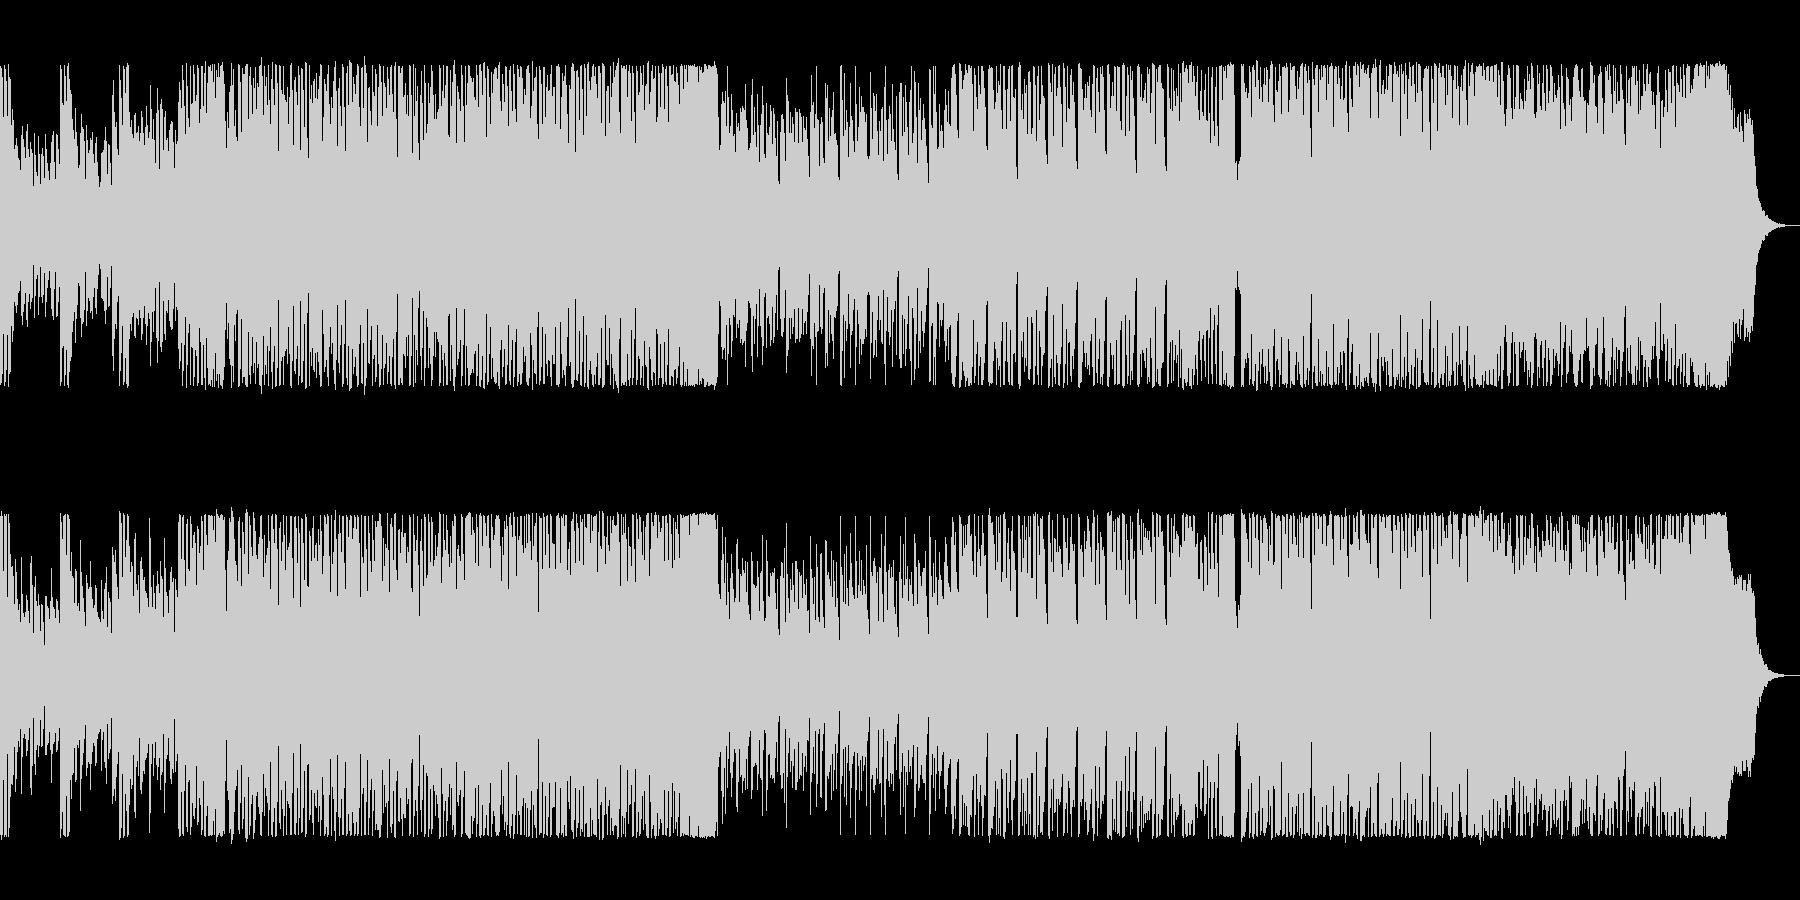 シンセサイザーとドラムのリズミカルな曲の未再生の波形